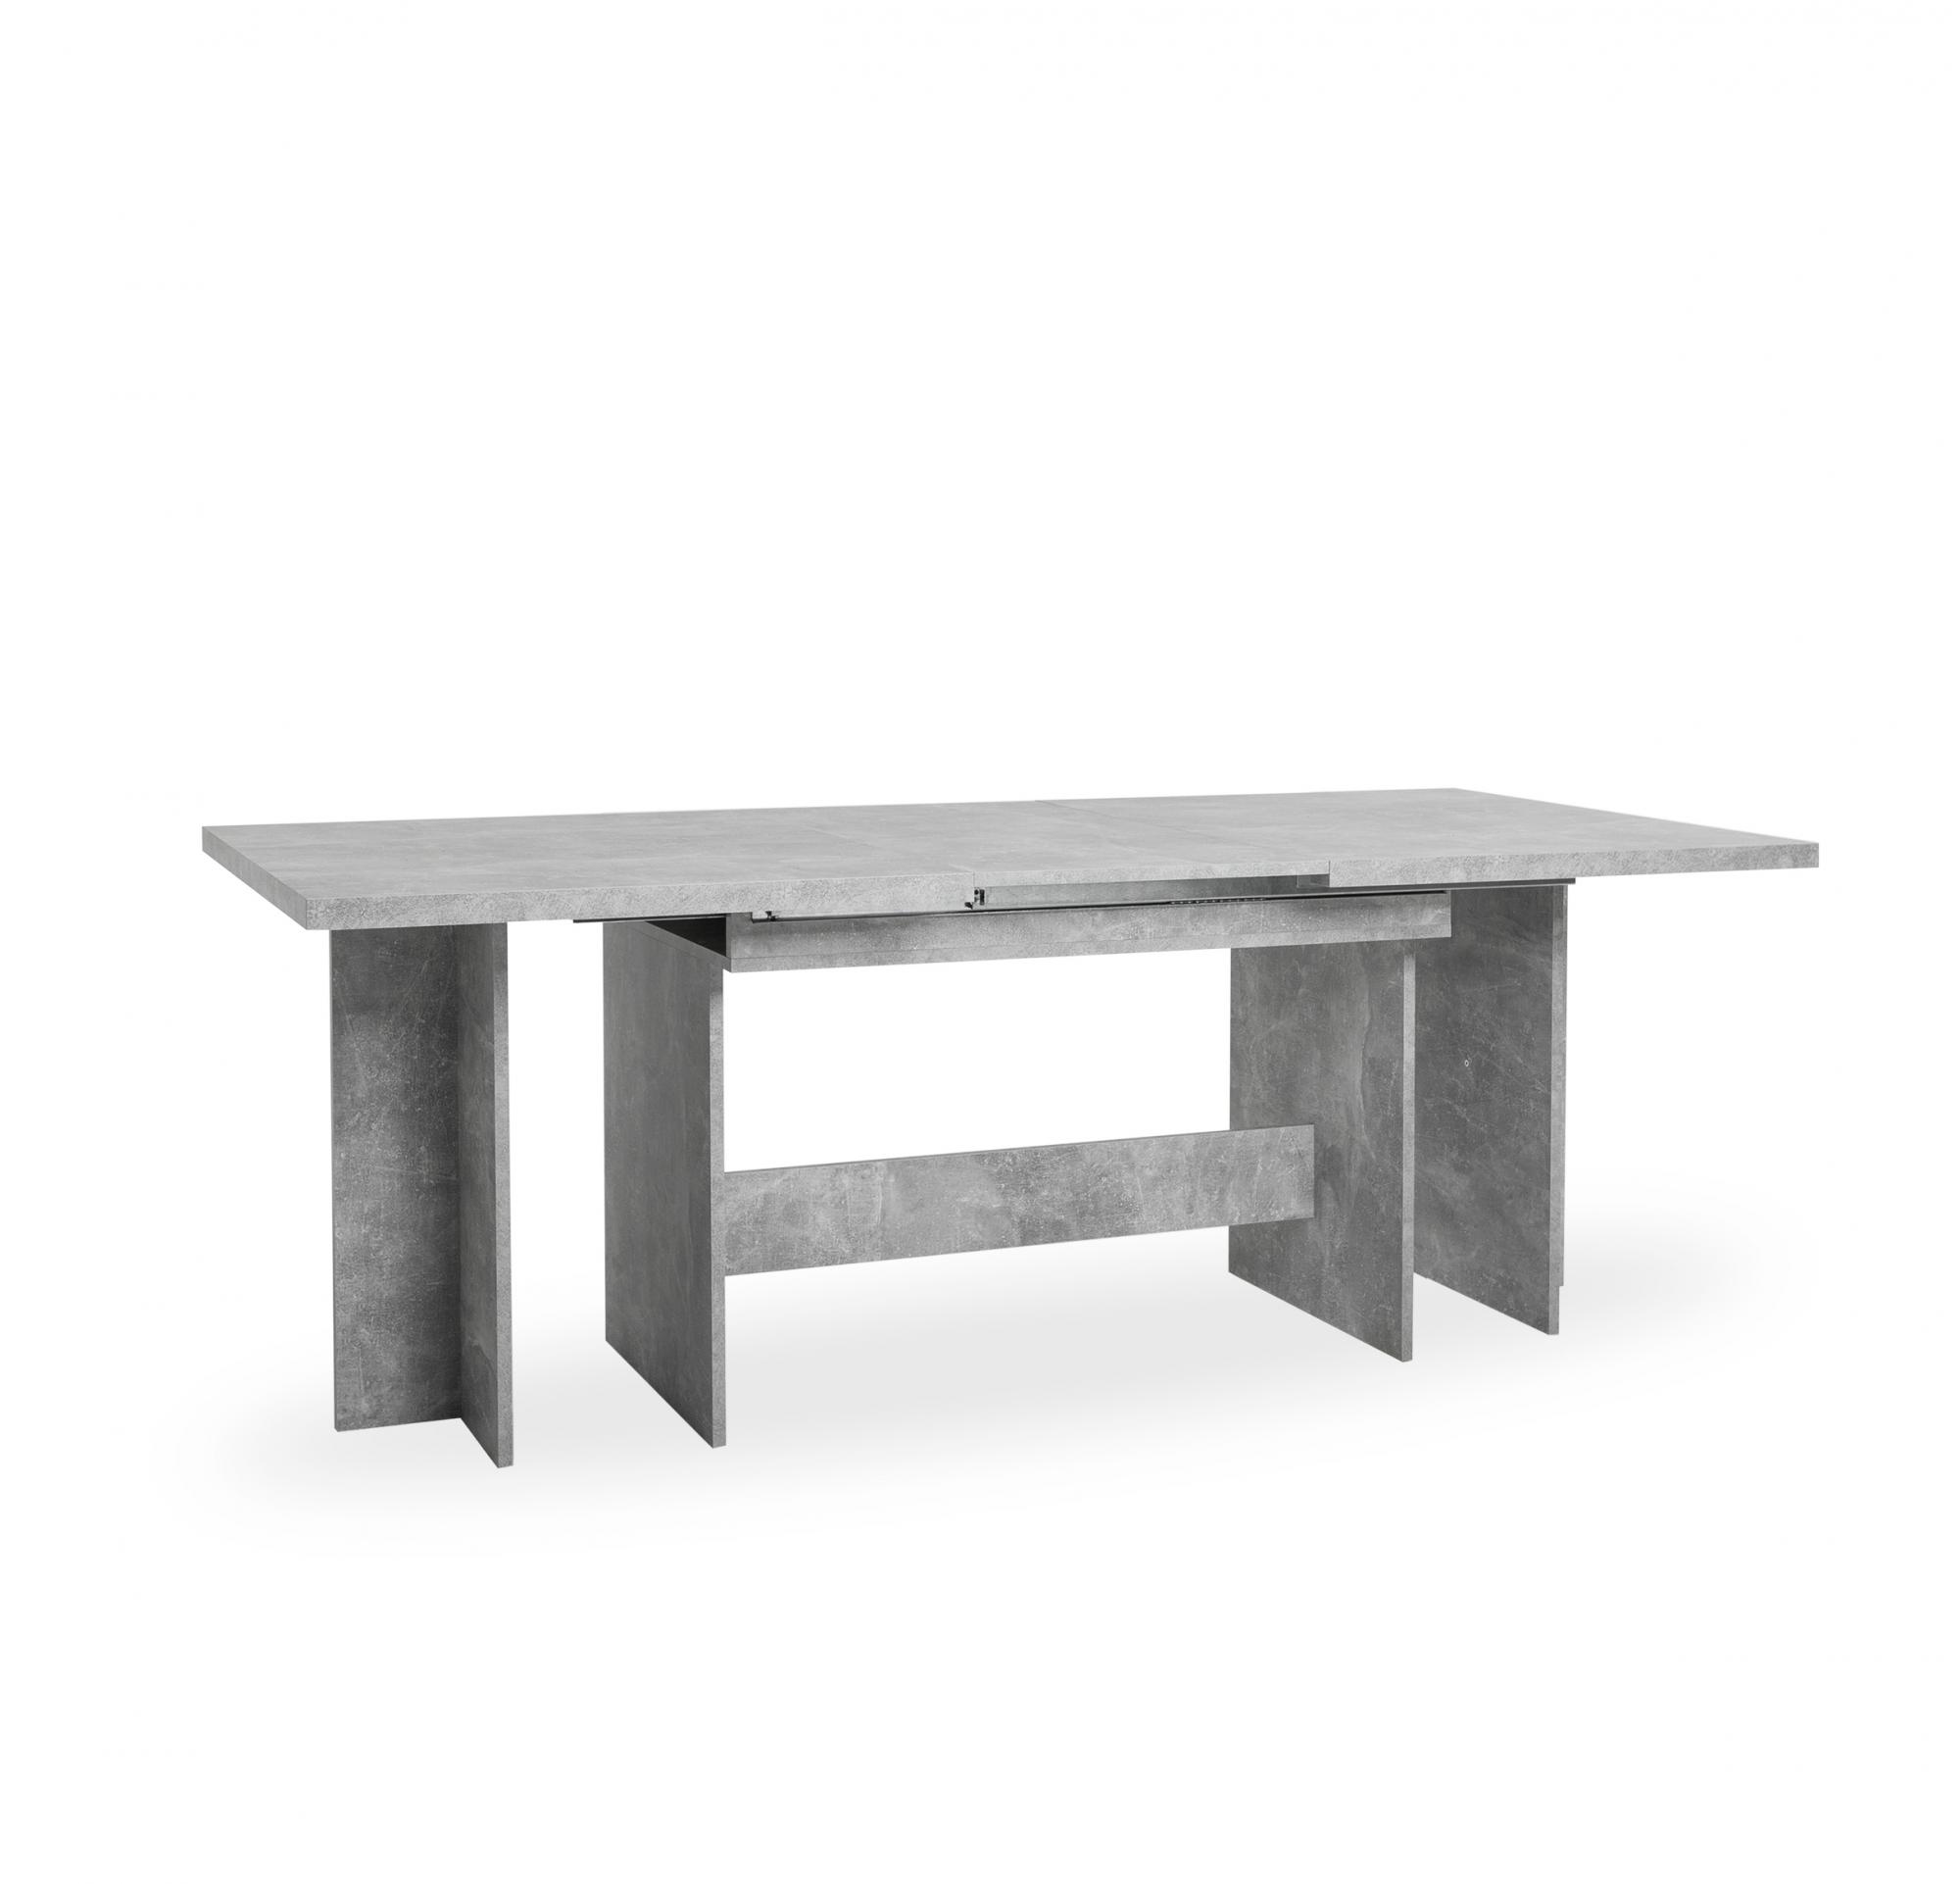 Jídelní stůl rozkládací Ancora, 310 cm, beton